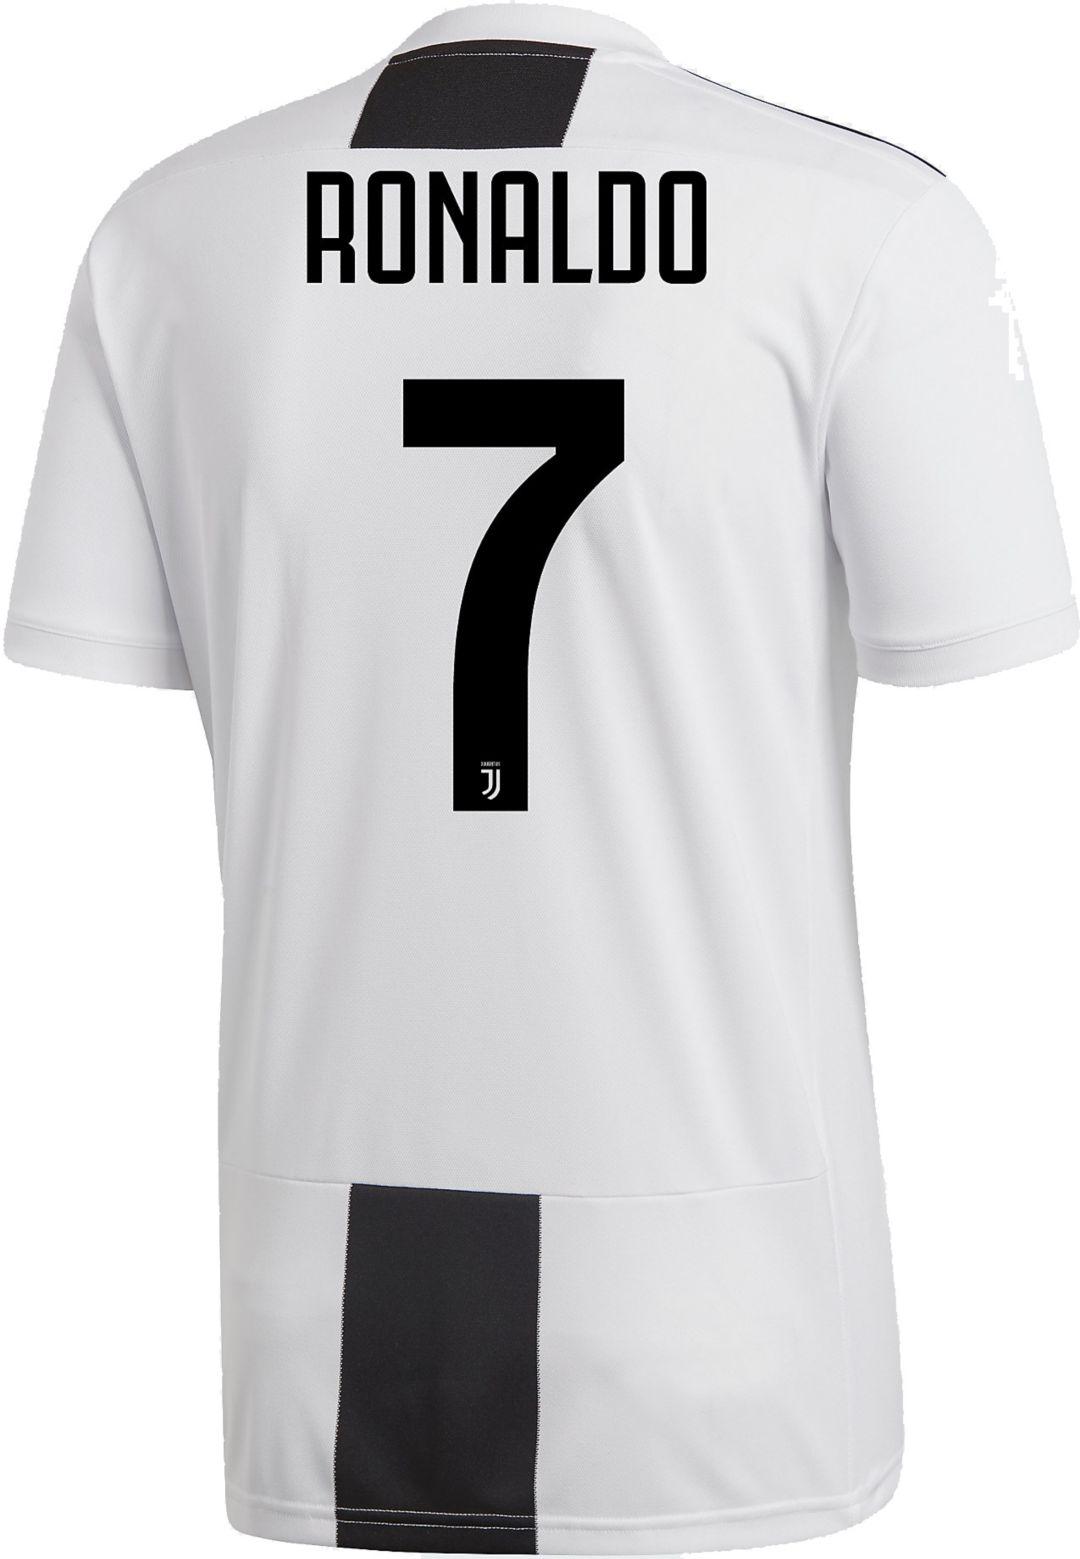 new concept 1e52b c187d adidas Youth Juventus Stadium Cristiano Ronaldo #7 Home Replica Jersey